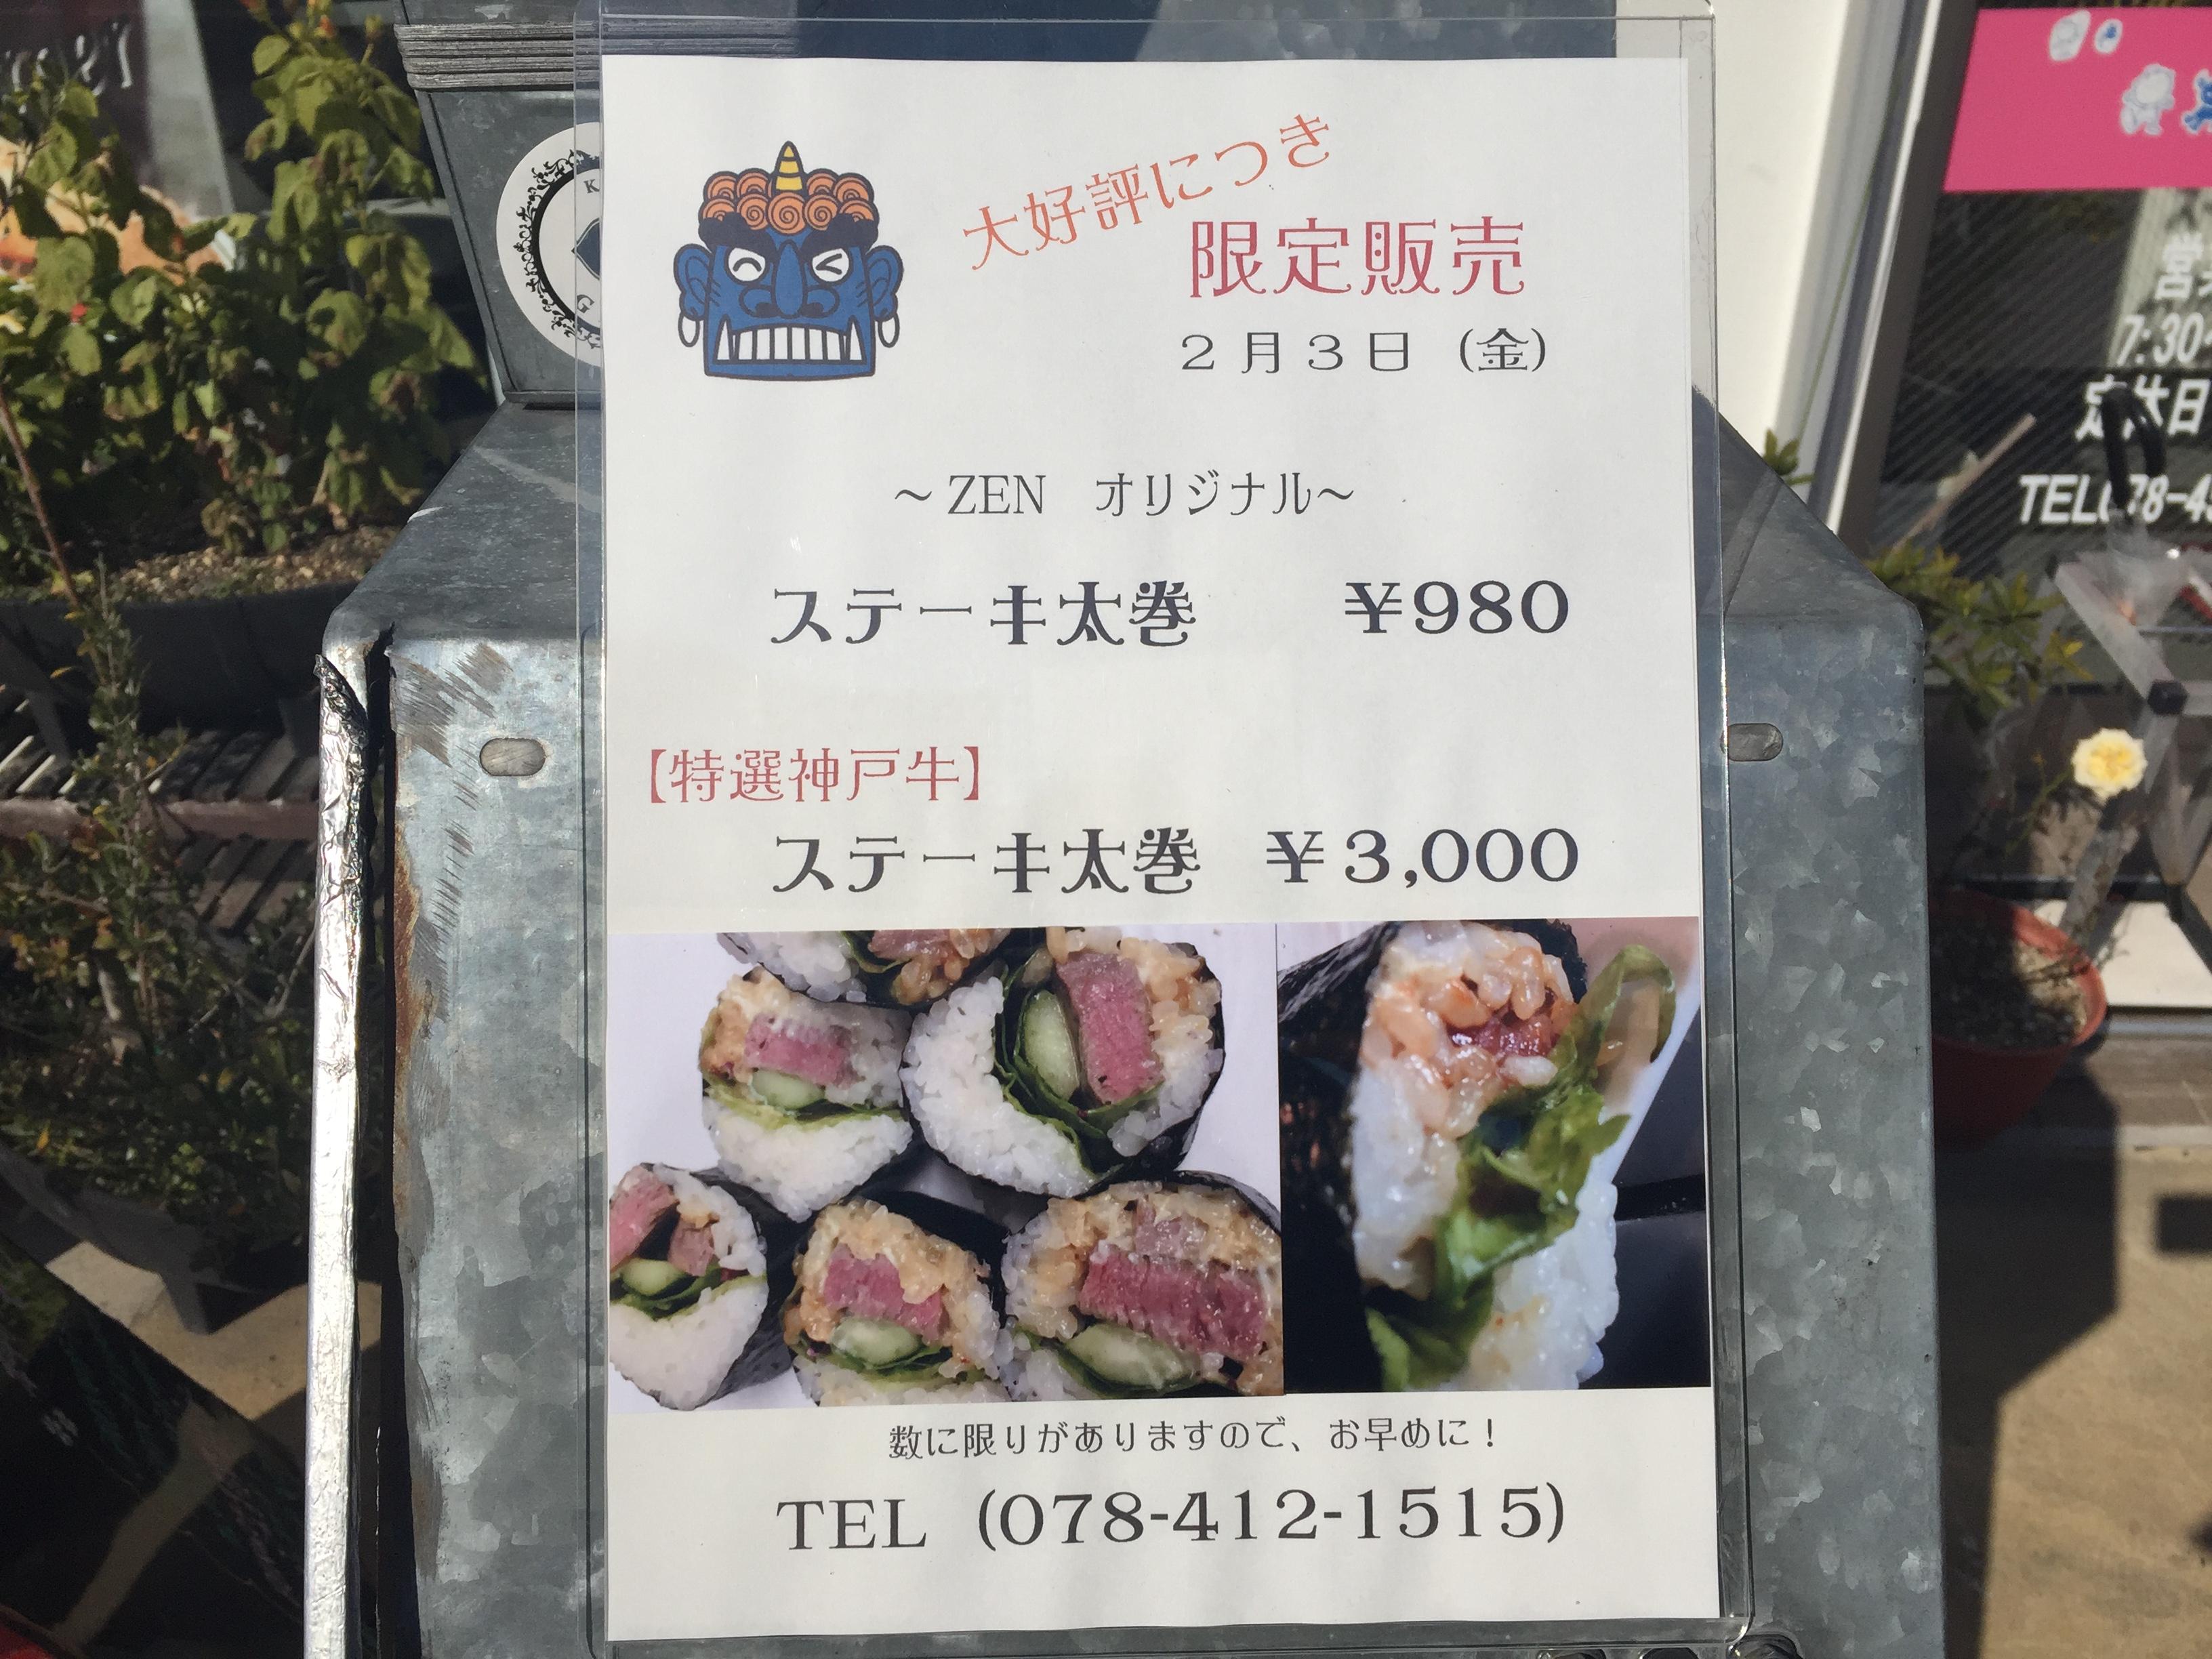 神戸・本山に節分向け「ステーキ太巻」があるって知っとう?【※季節限定品のご紹介】